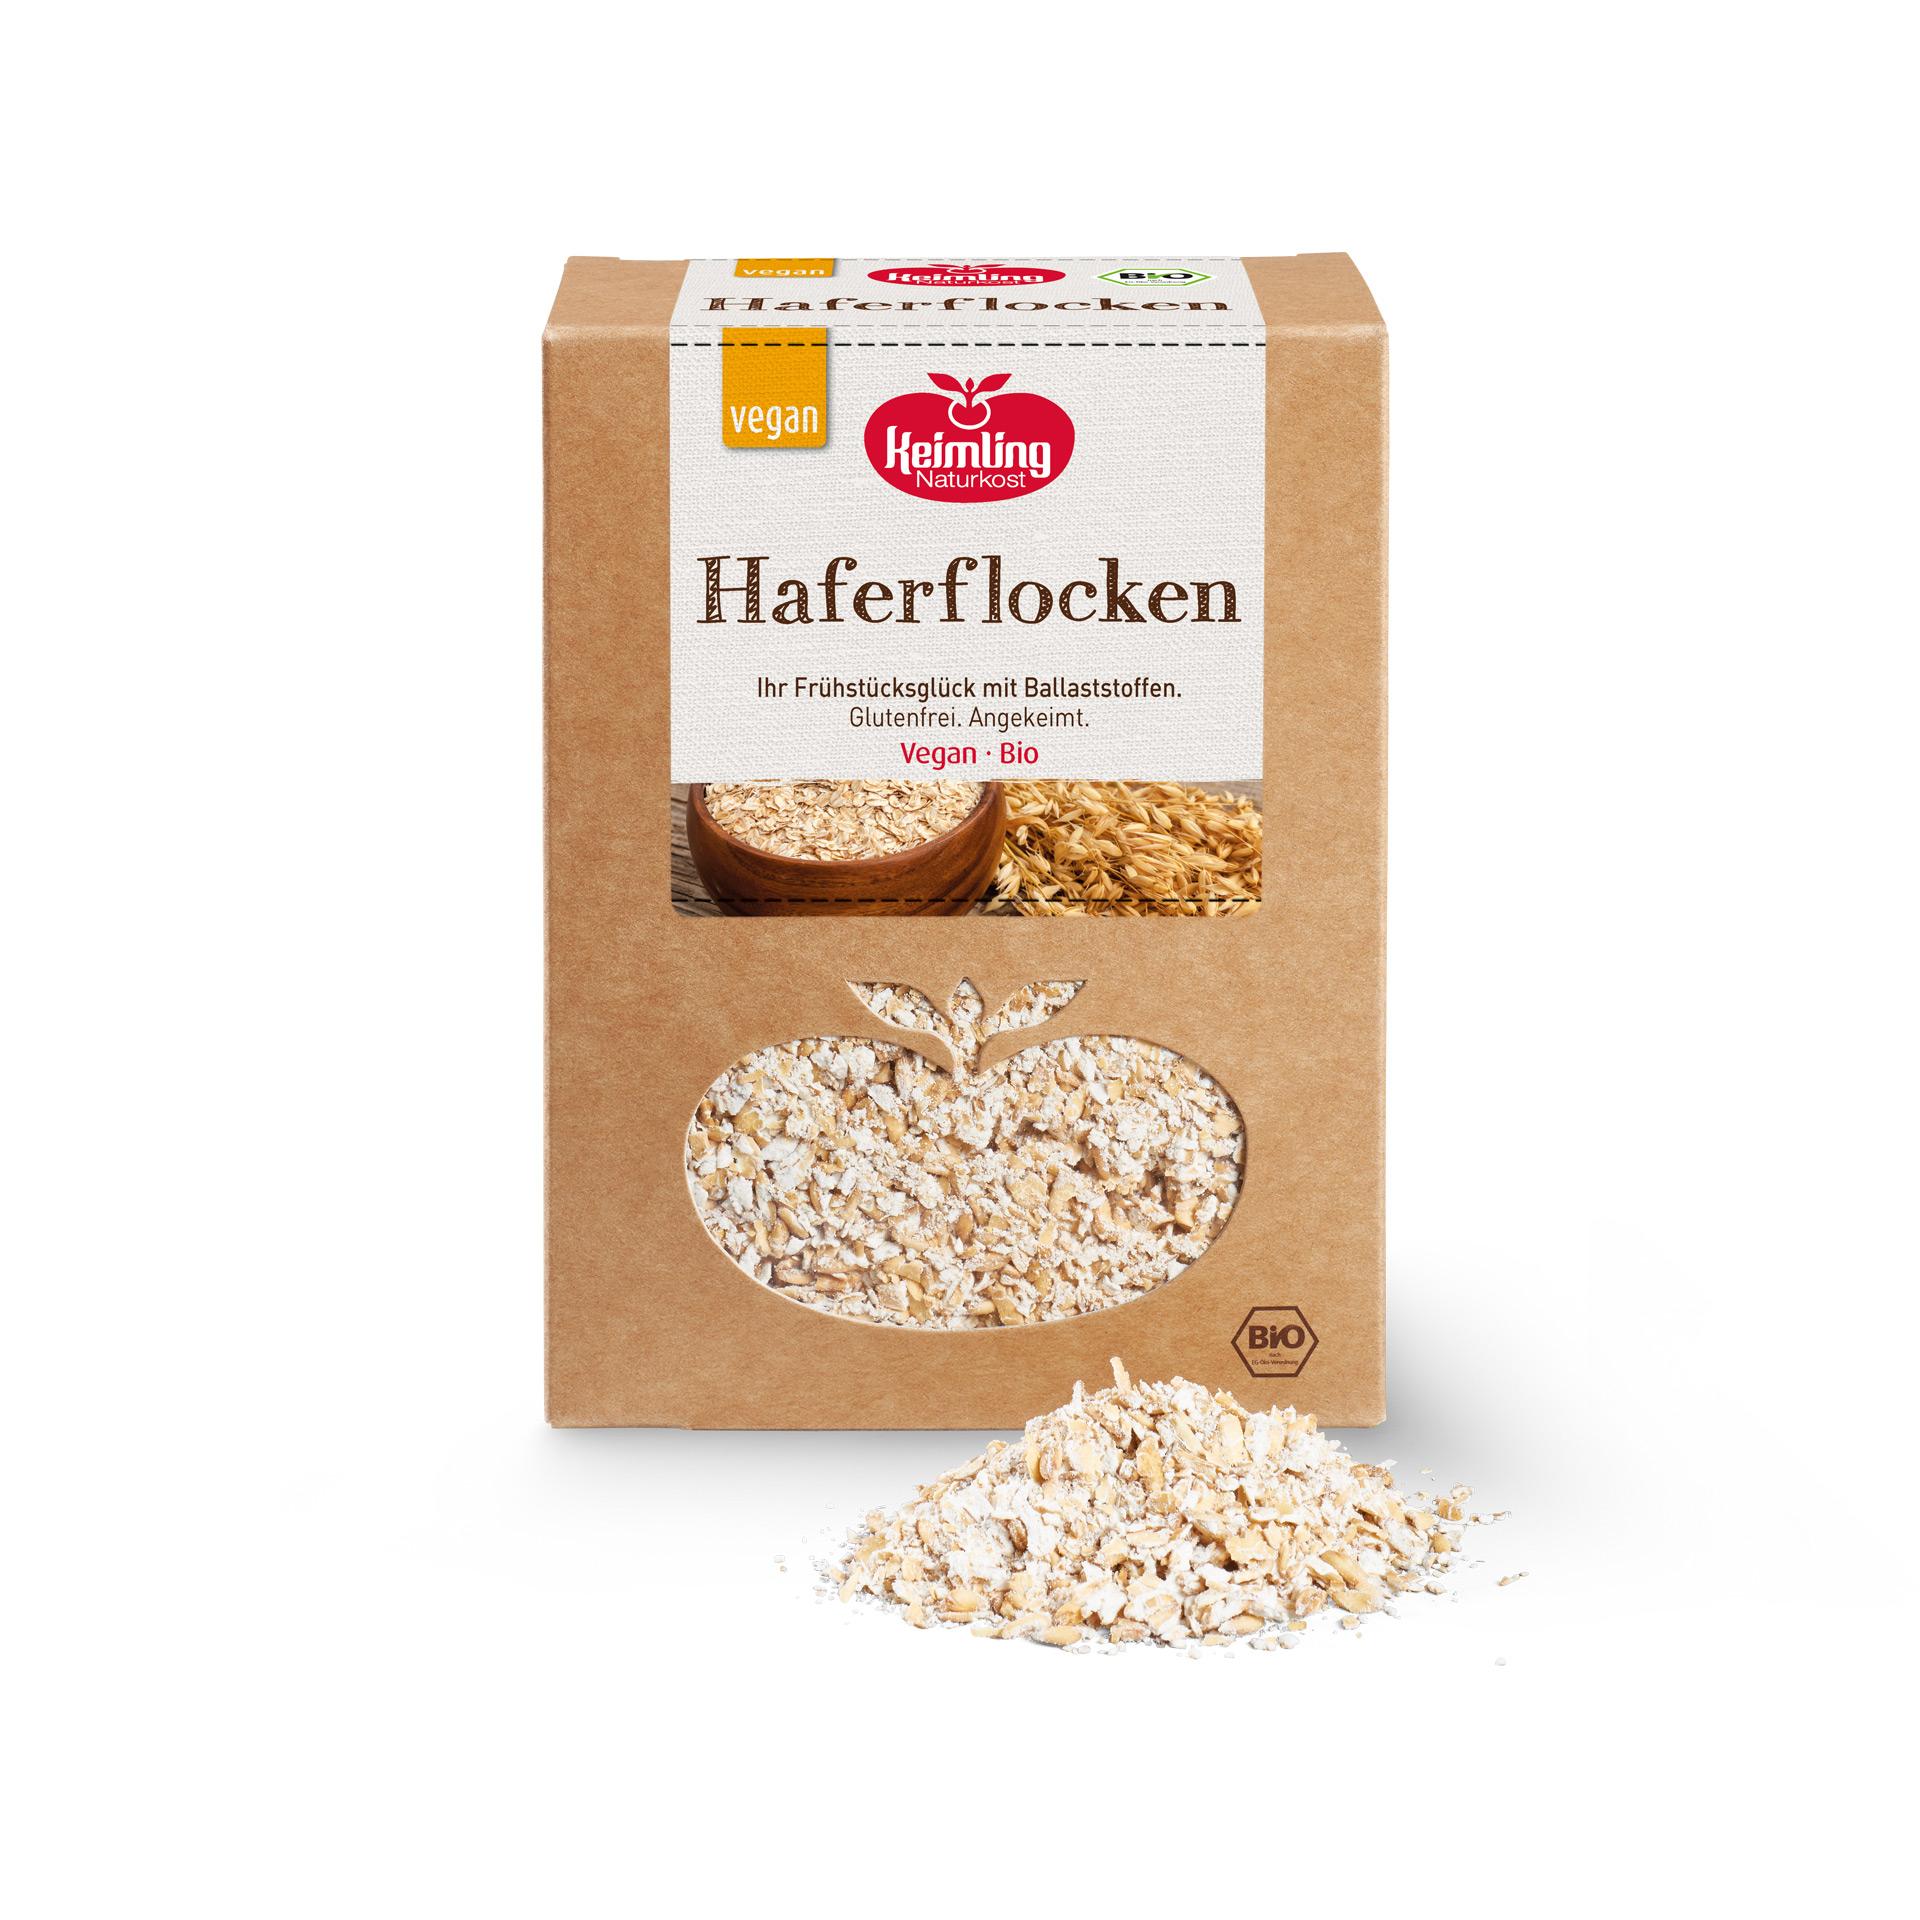 Haferflocken, bio 2.5 kg